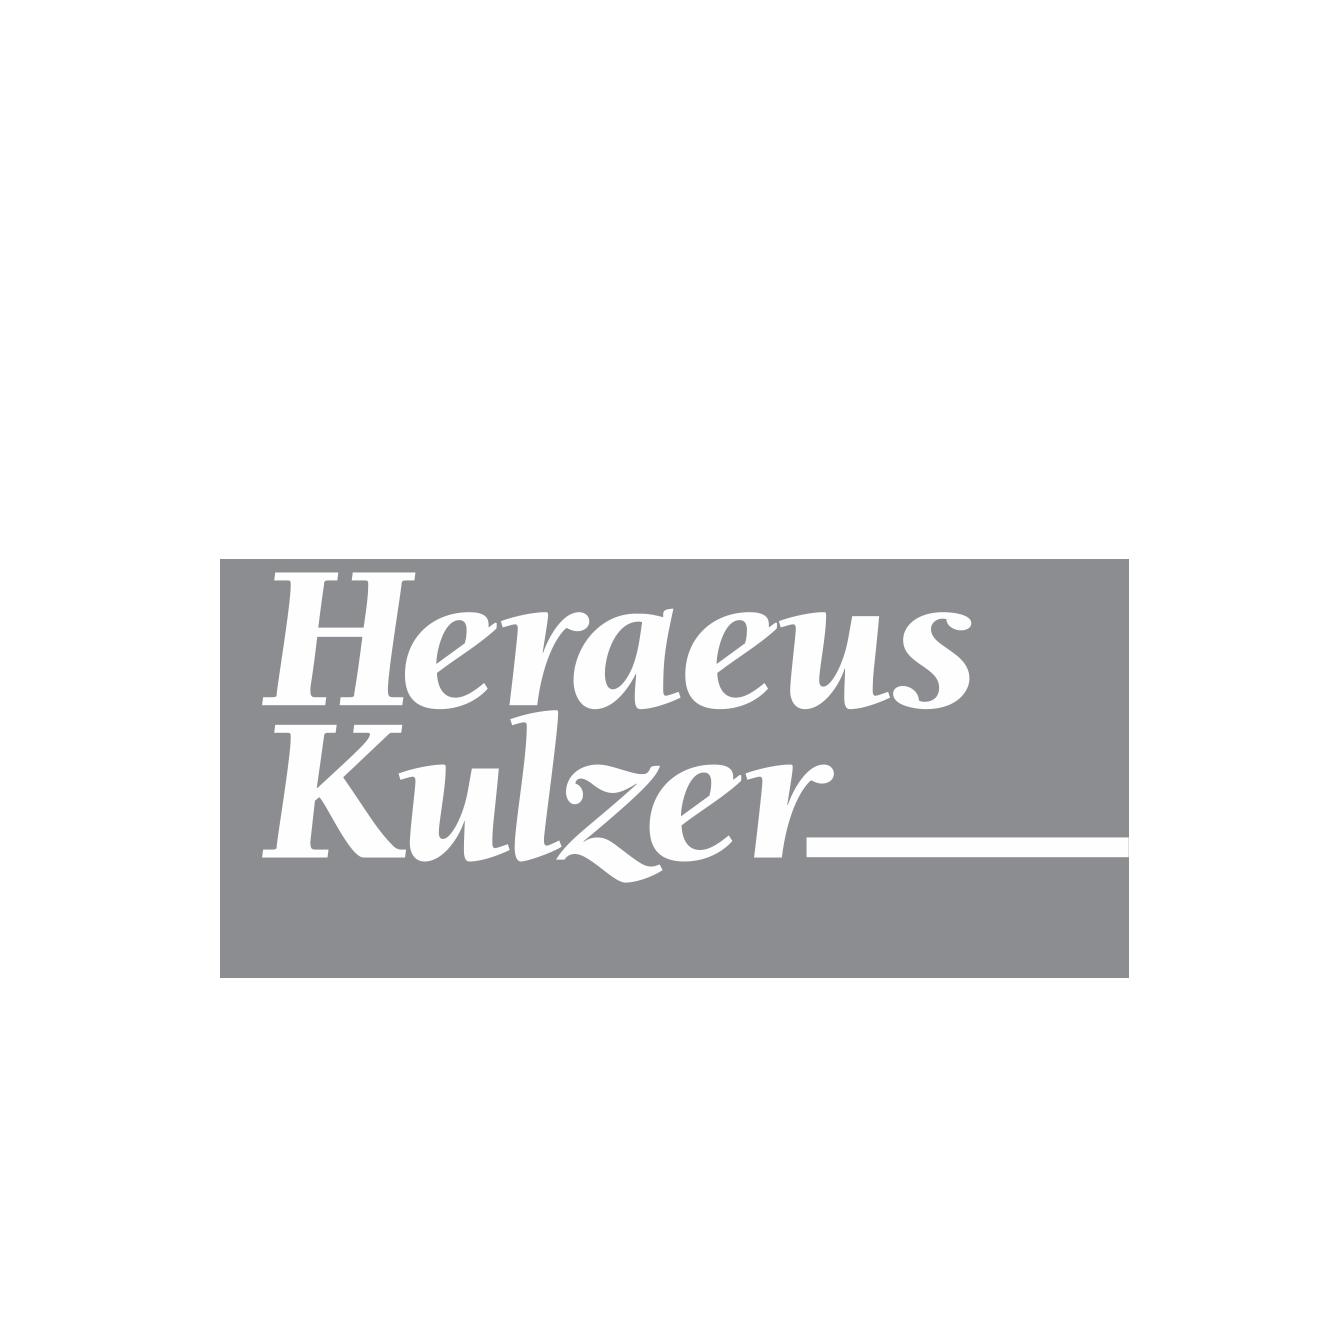 heraeus-kulzer.png